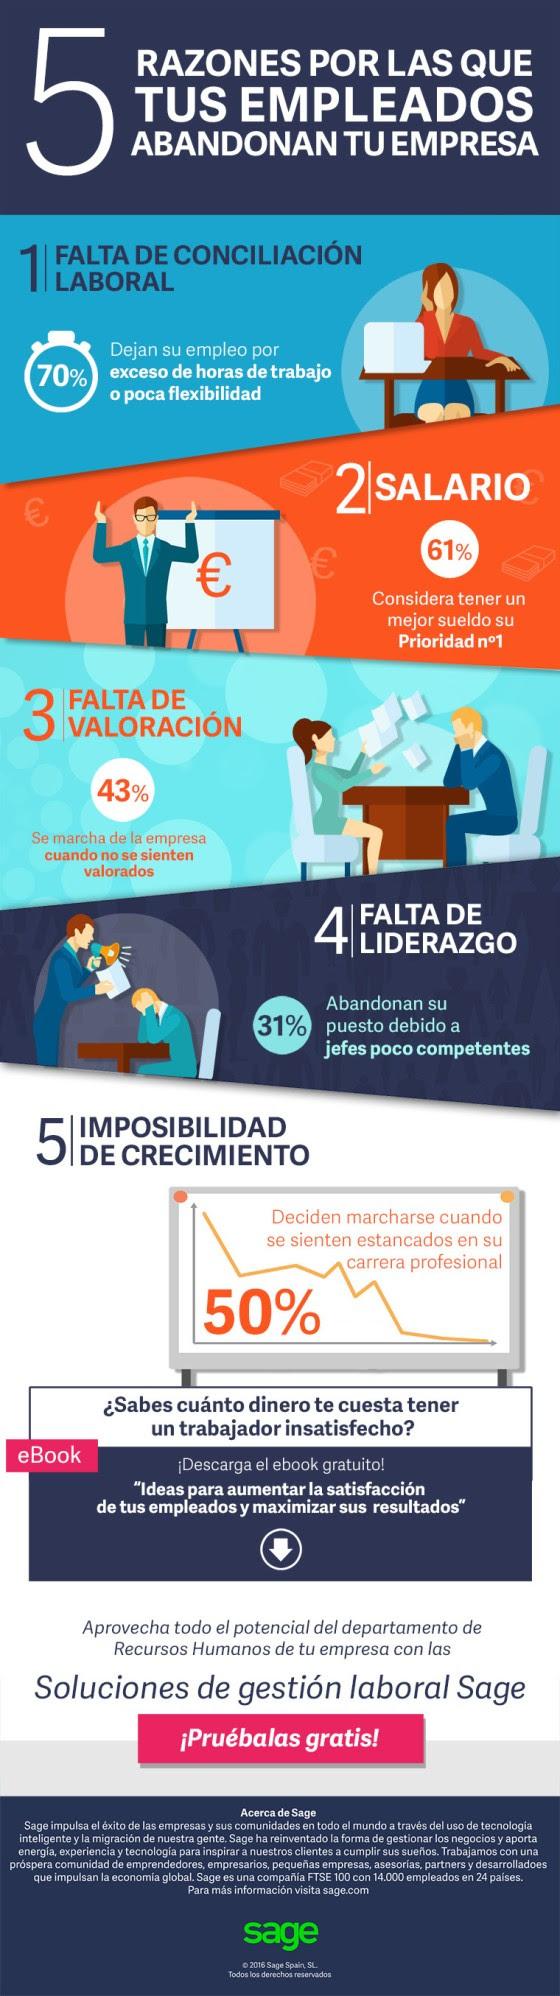 5 razones por los que los trabajadores abandonan tu empresa